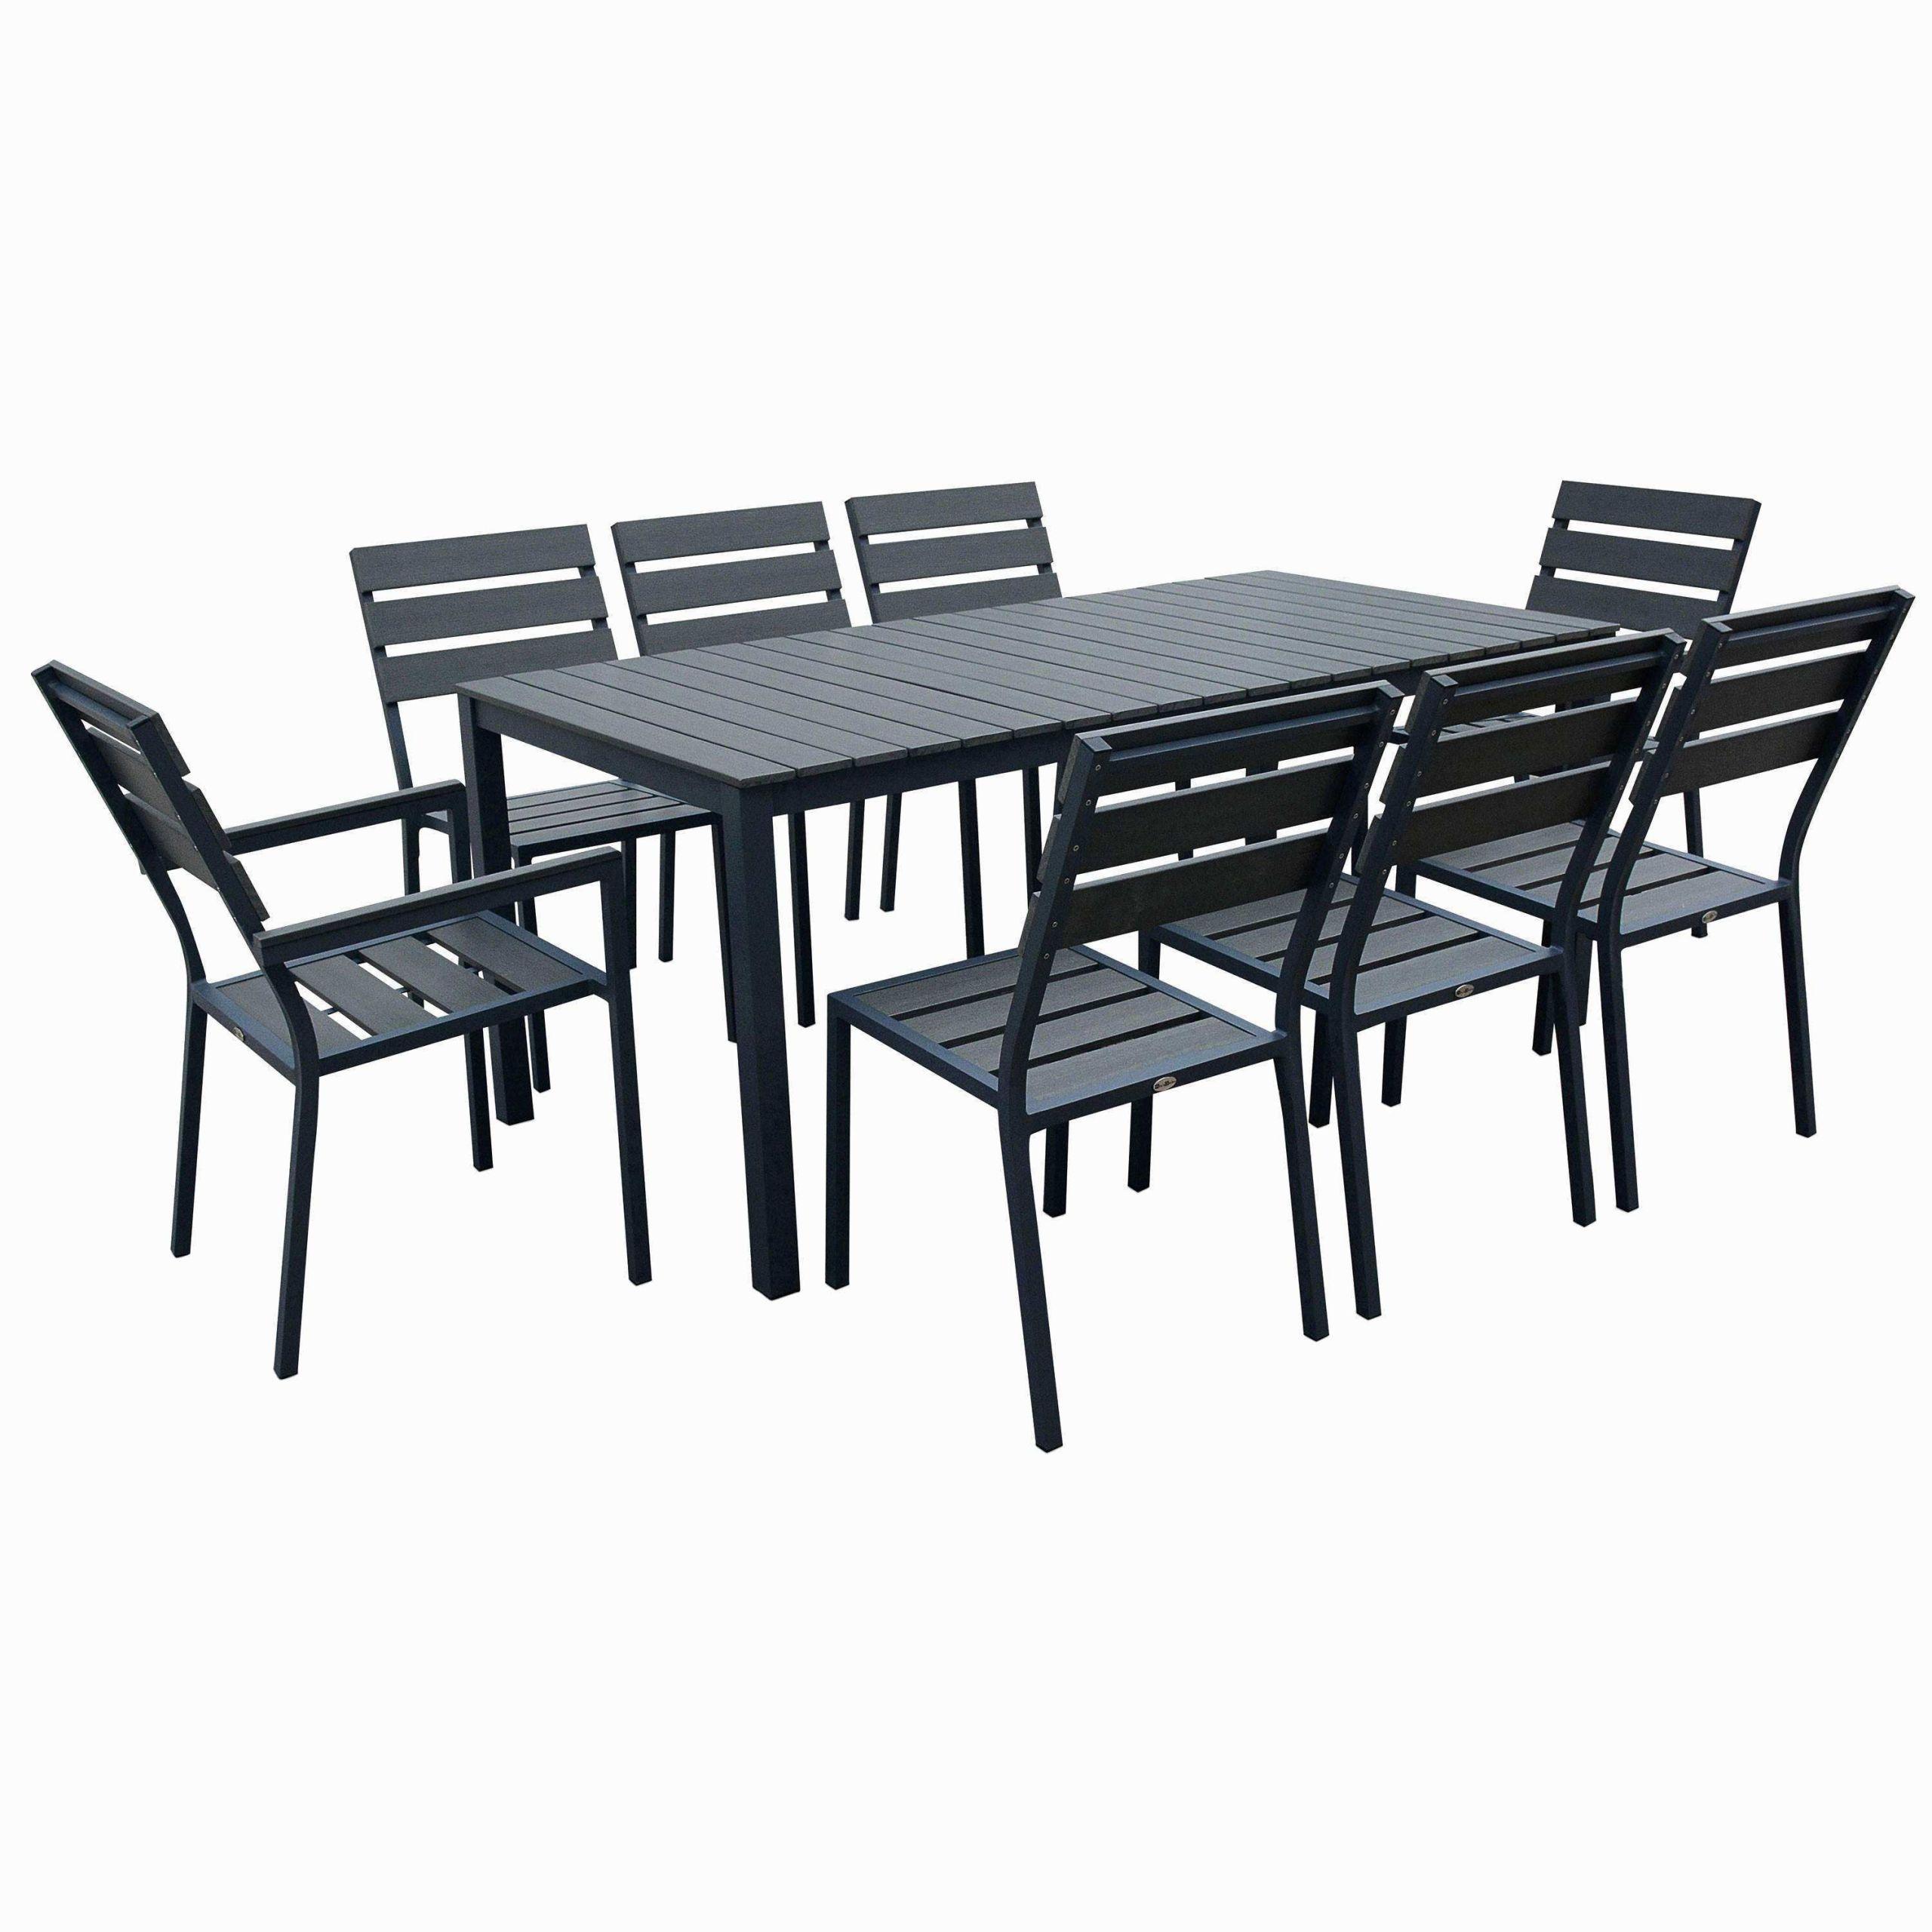 Table Chaise Terrasse Élégant Table Terrasse Pas Cher ... tout Salon De Jardin Teck Pas Cher